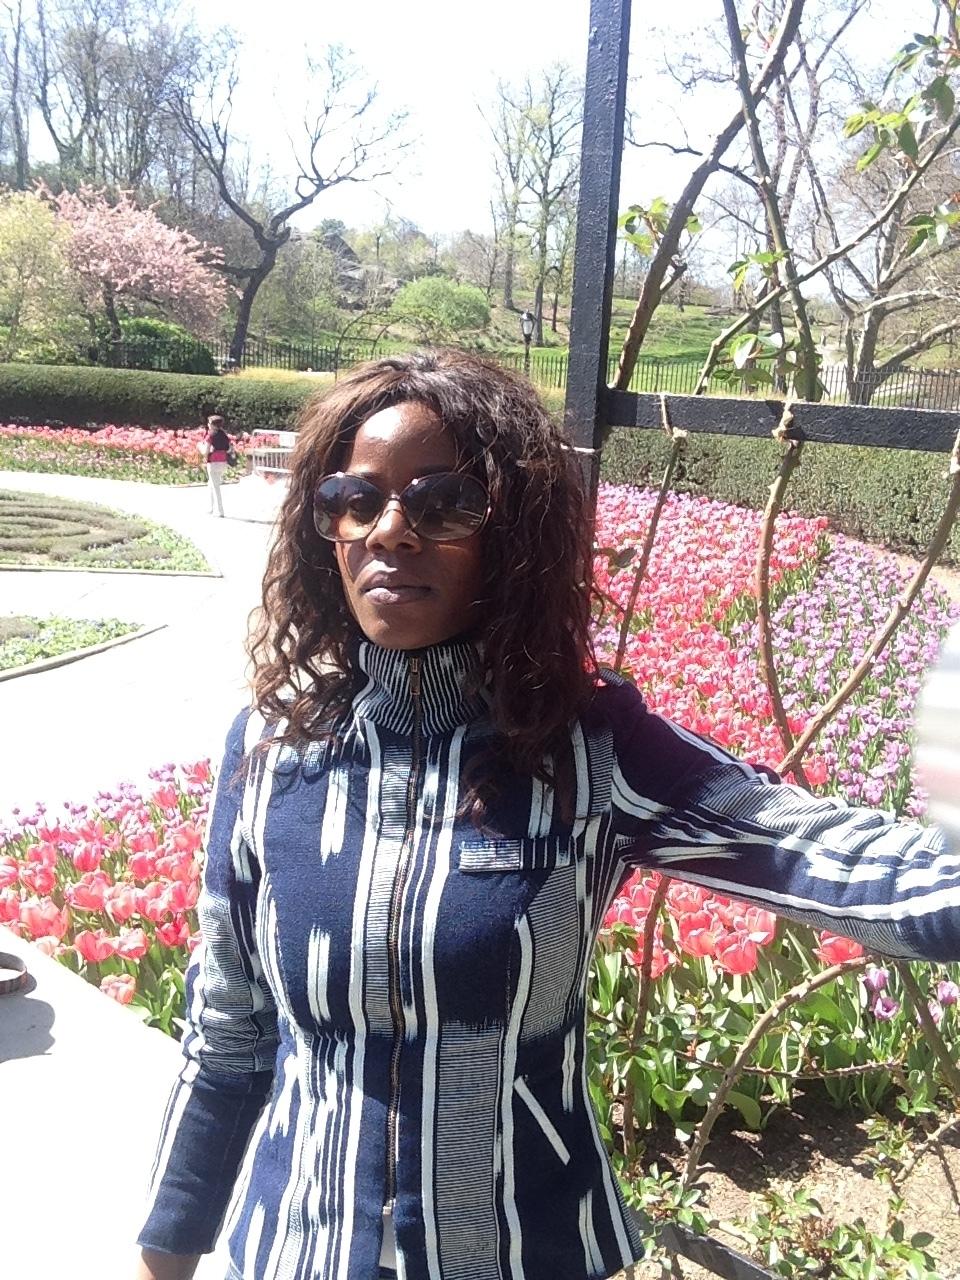 Un après-midi à Central Park